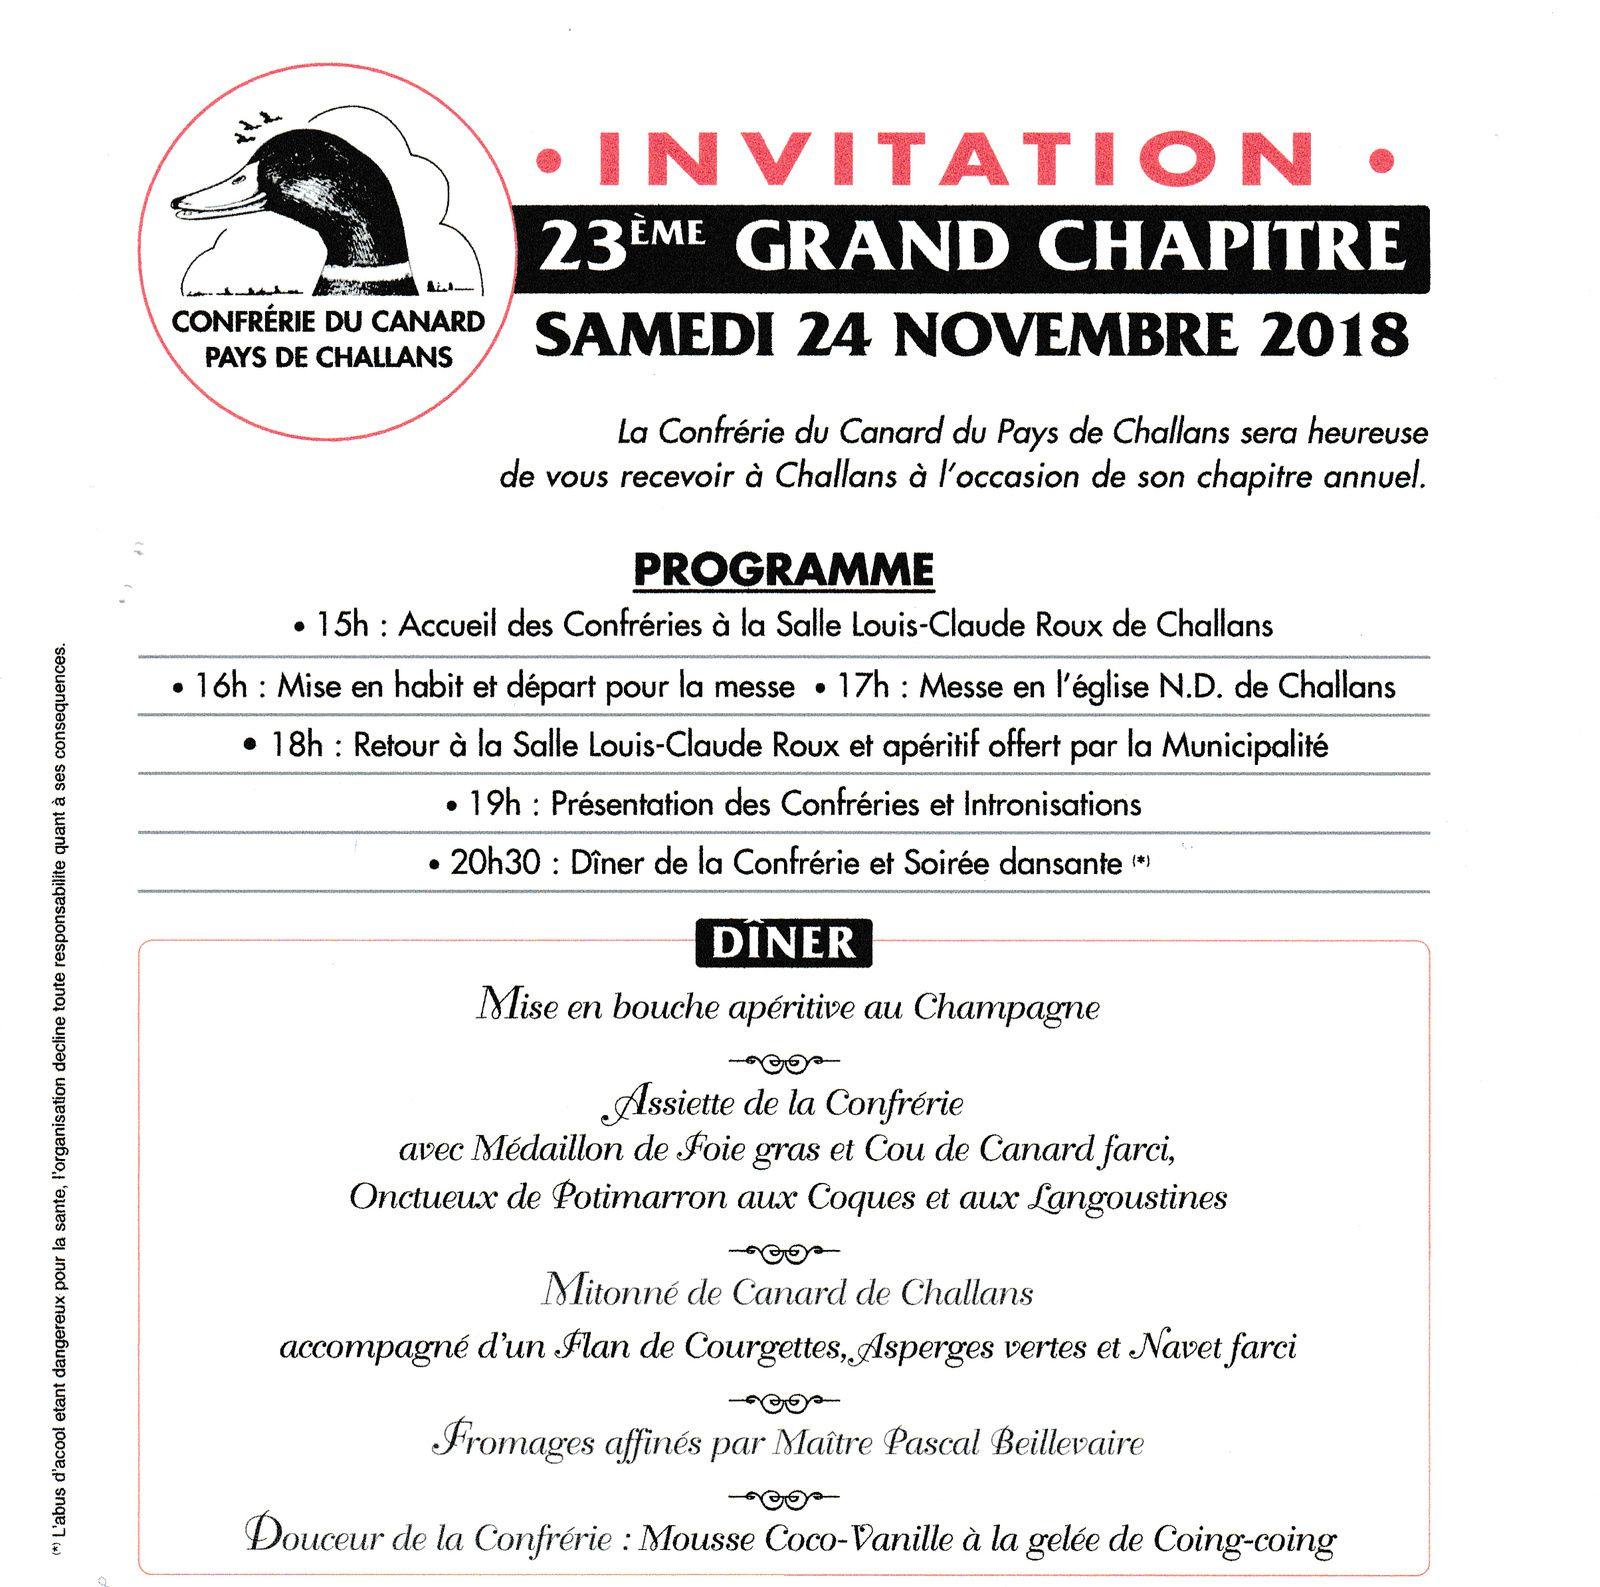 Confrérie du canard Pays de Challans. Samedi 24 novembre 2018.